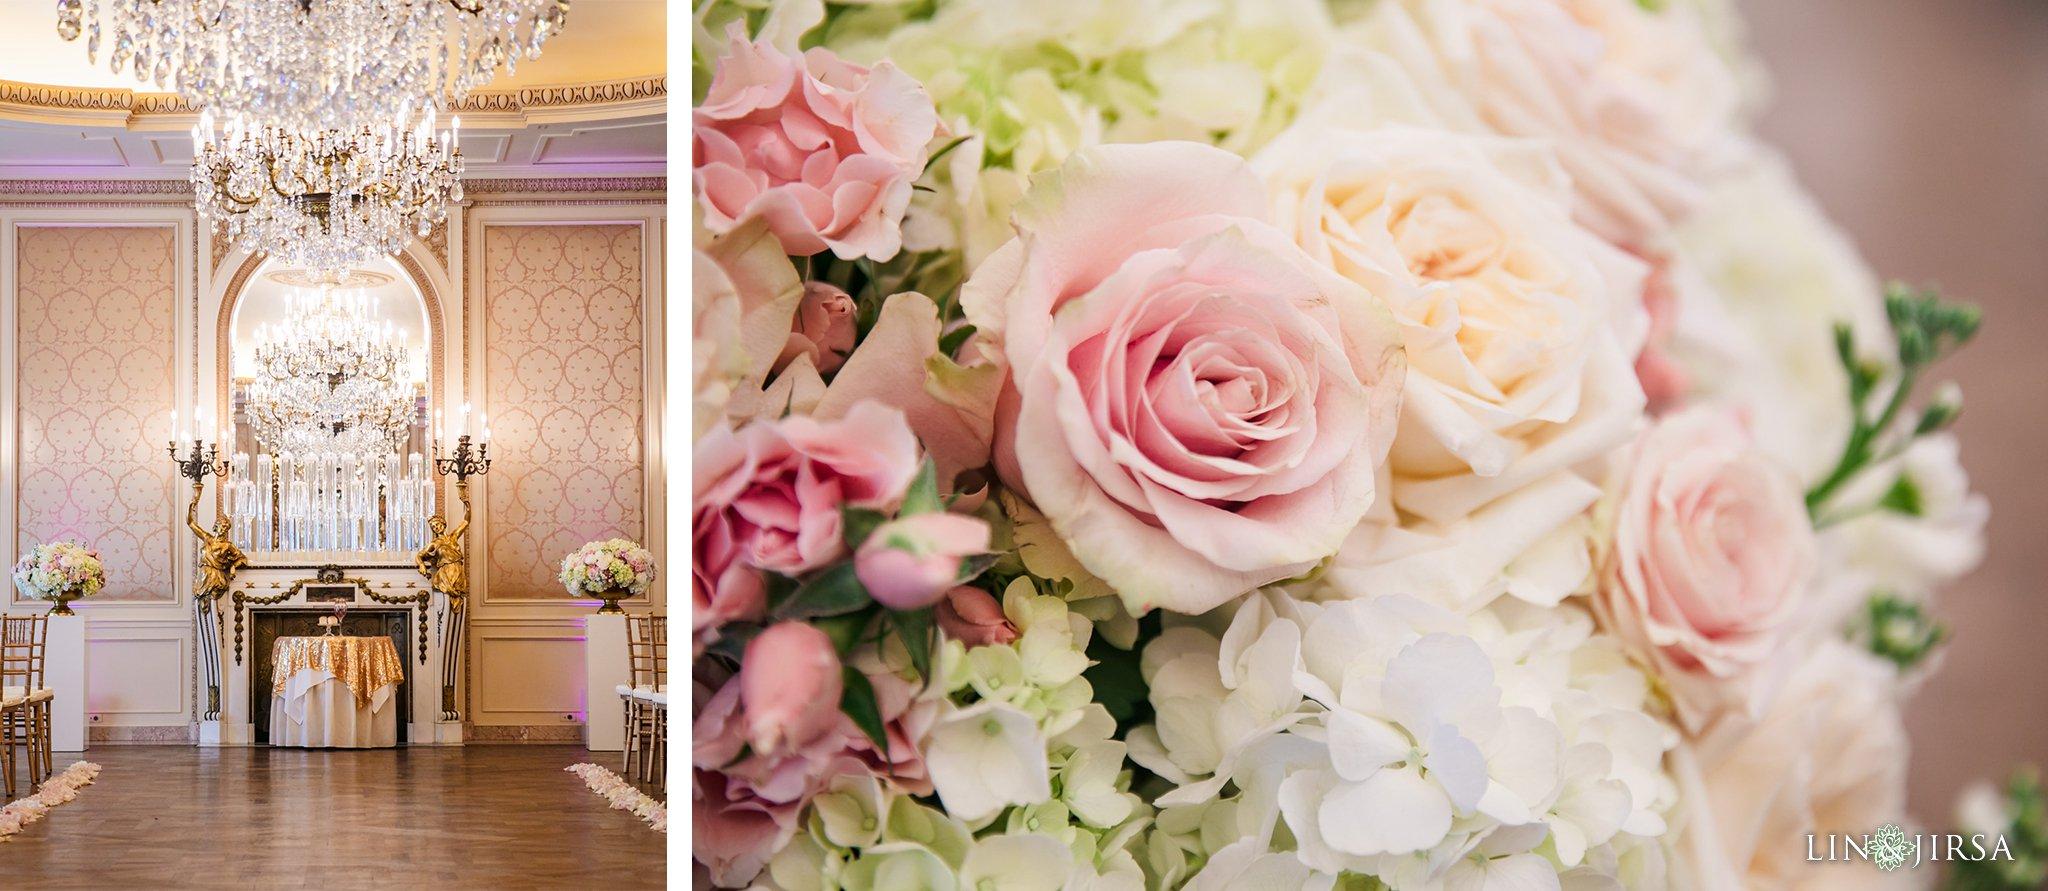 15-Westgate-Hotel-San-Diego-Wedding-Phot